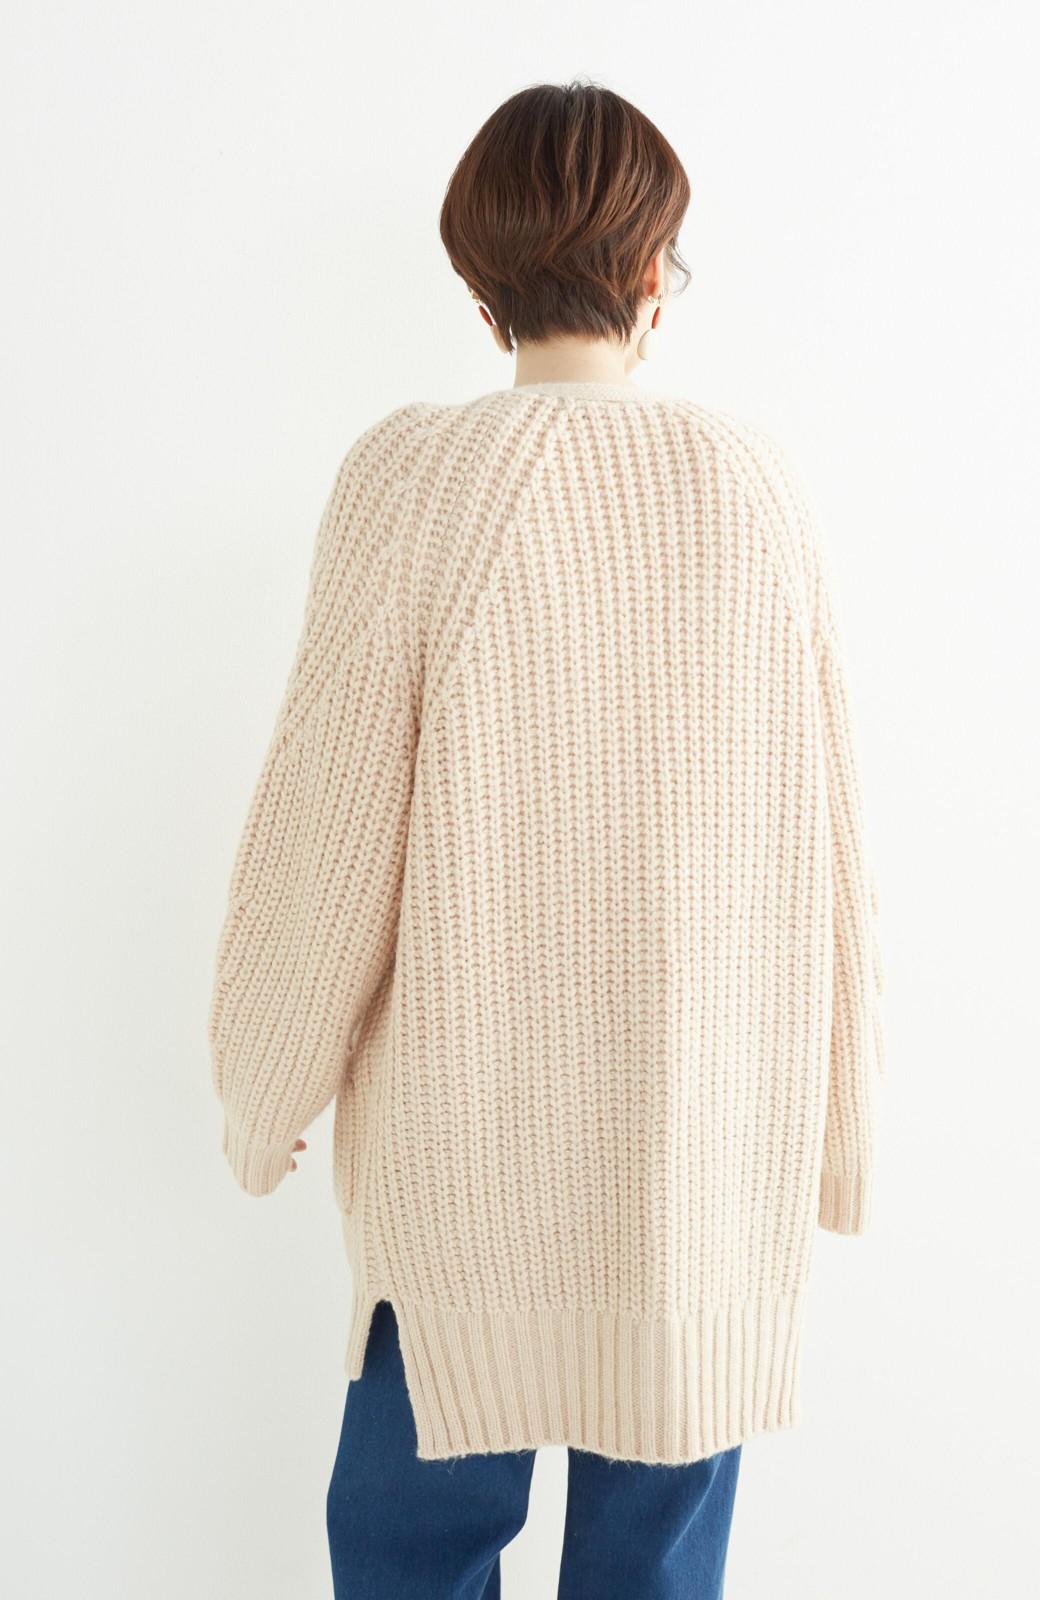 エムトロワ ぱっと羽織るのに便利なざっくり編みカーディガン <ライトベージュ>の商品写真13